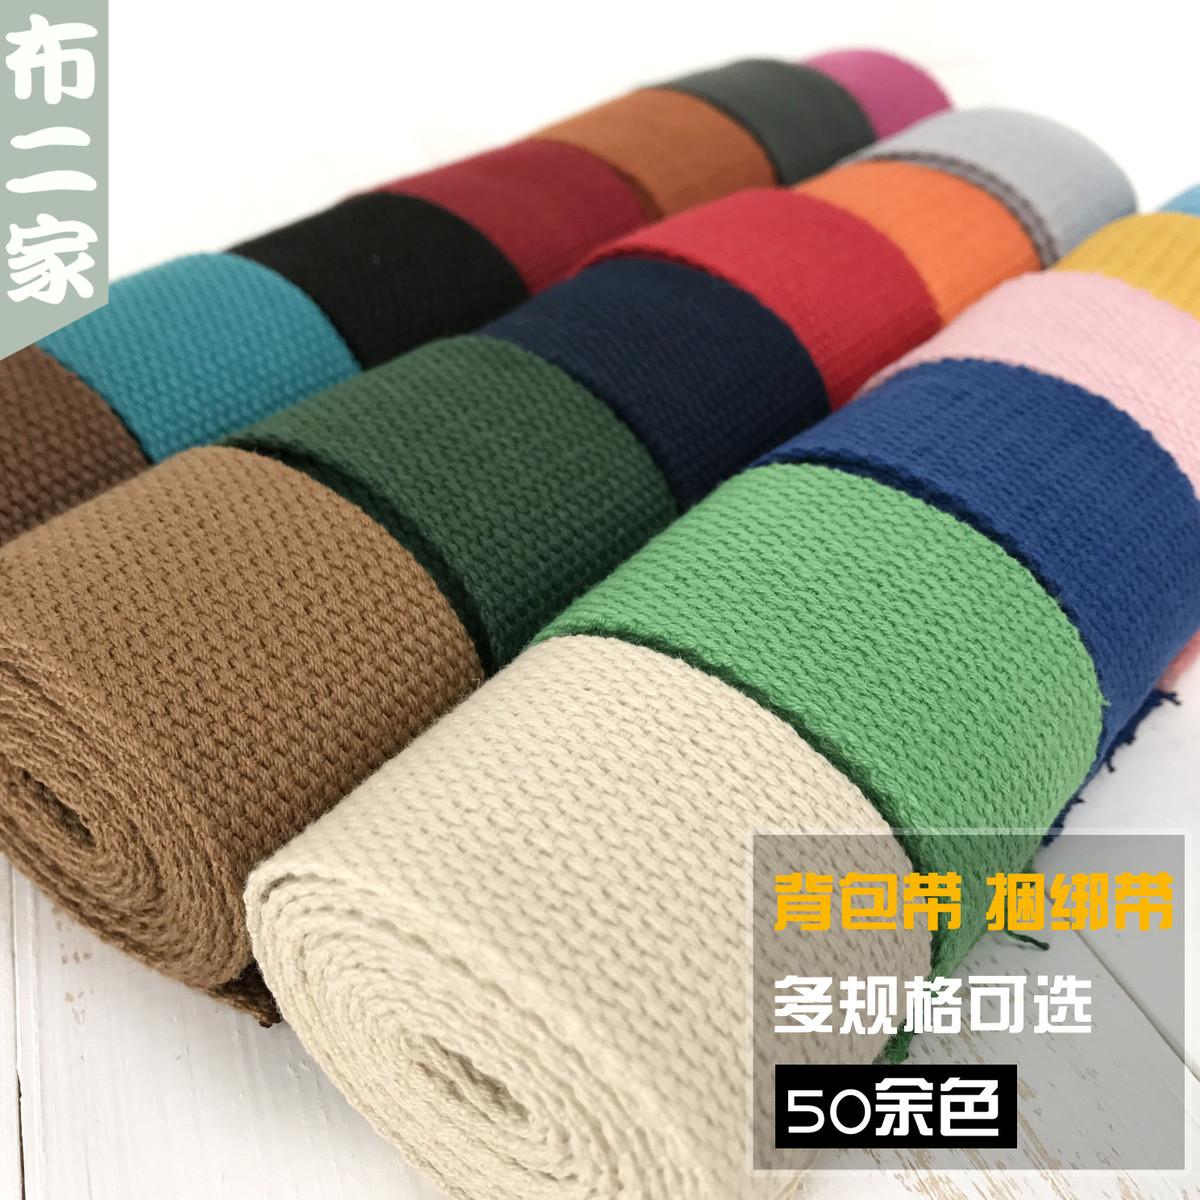 宽彩色加厚平纹帆布织带背包箱包辅料打包带书包背包带子布带涤棉